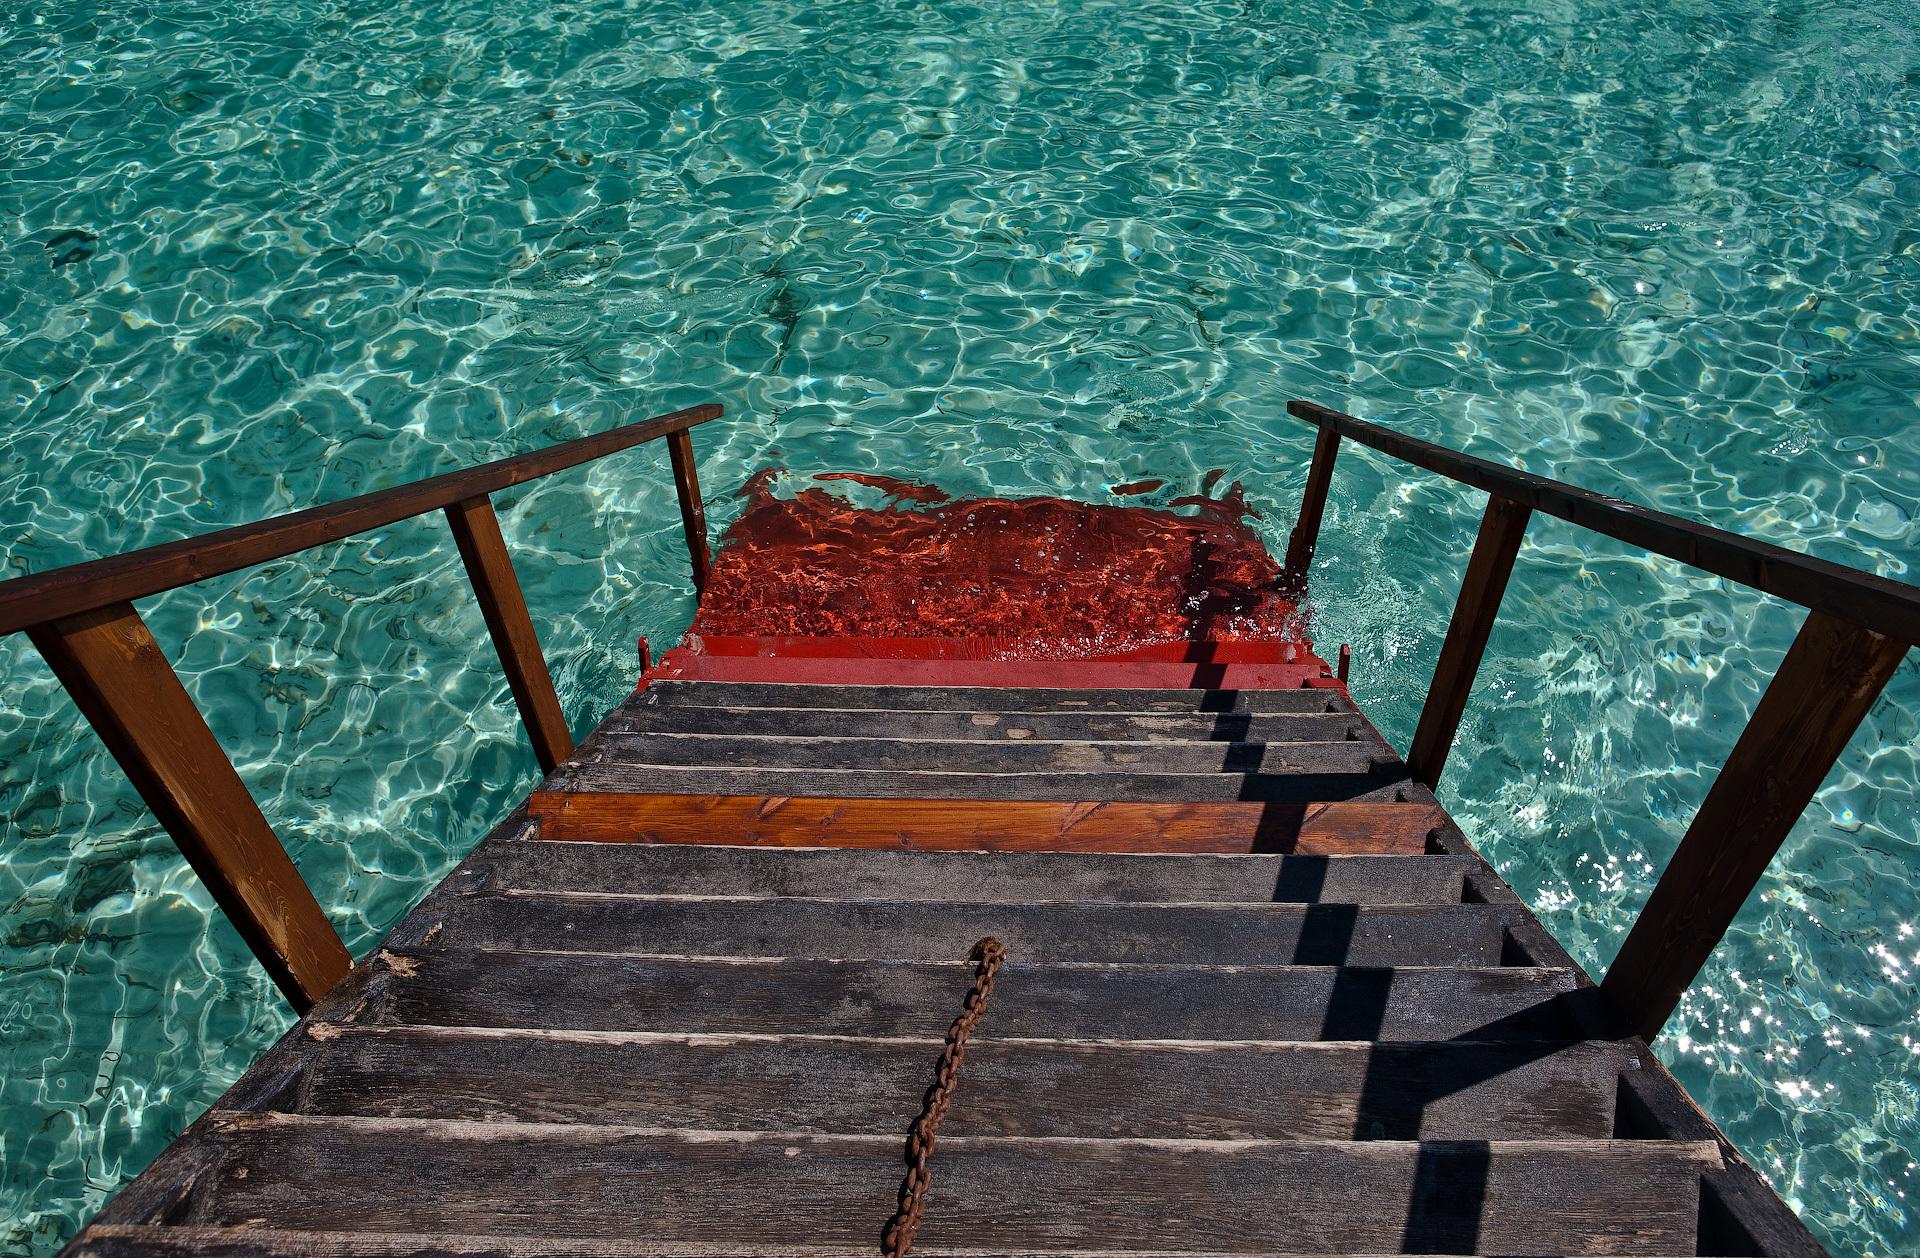 демонстрирует картинки лестницы к морю сутки под